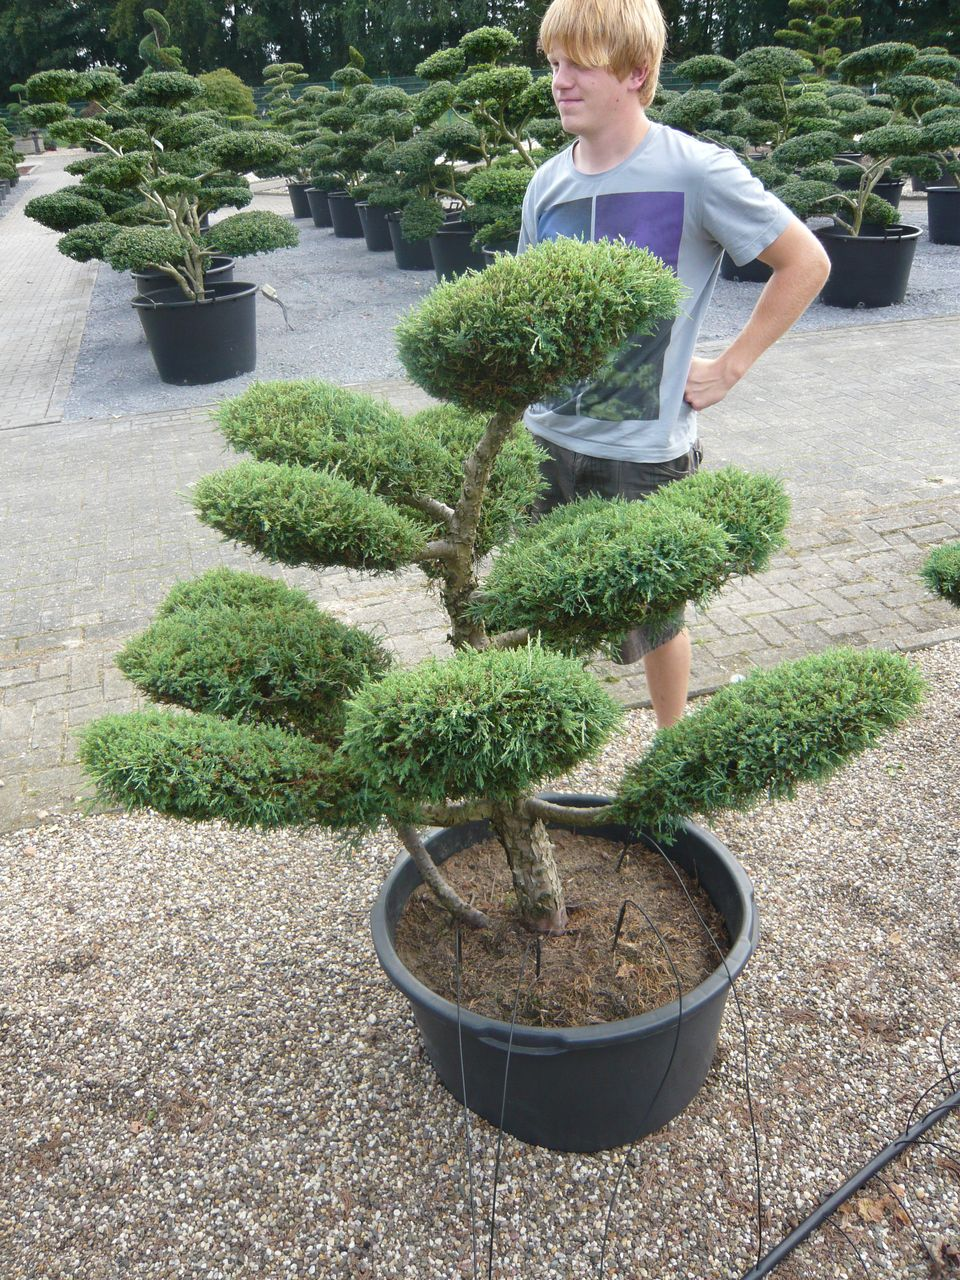 Pflanzenspecial gartenbonsai kostbarkeiten japans for Garten planen mit bonsai anzuchterde